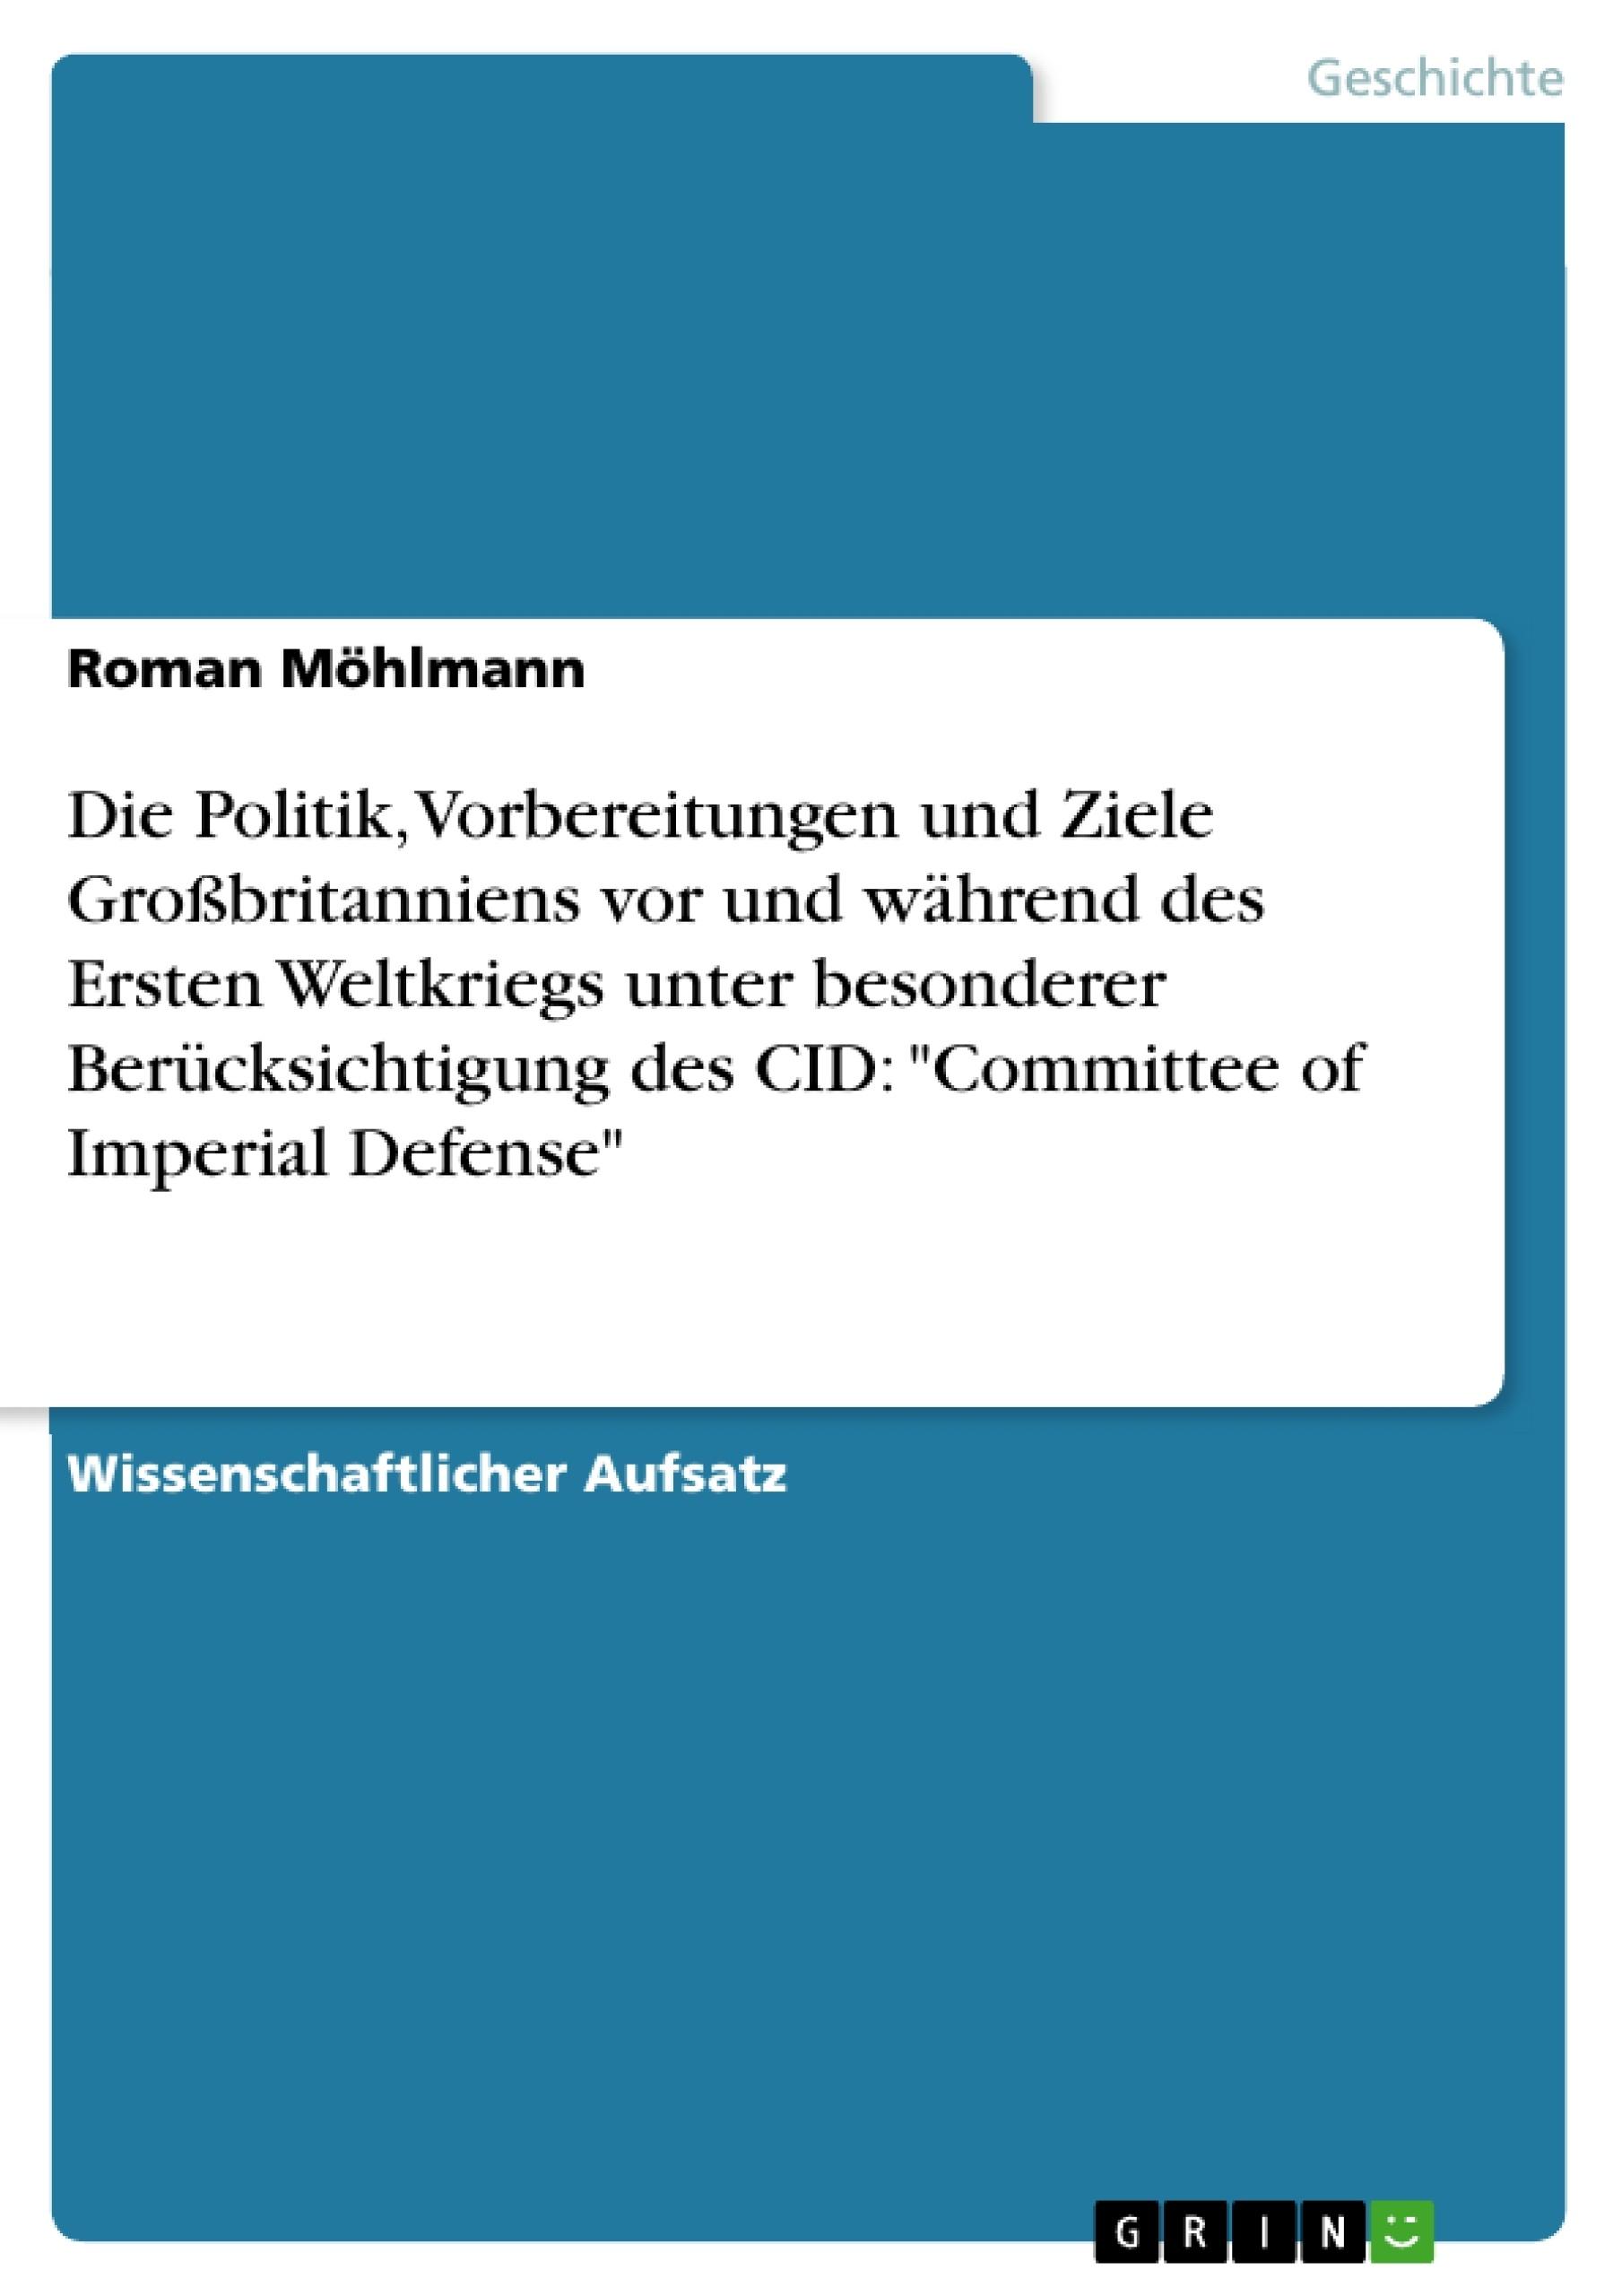 """Titel: Die Politik, Vorbereitungen und Ziele Großbritanniens vor und während des Ersten Weltkriegs unter besonderer Berücksichtigung des CID: """"Committee of Imperial Defense"""""""